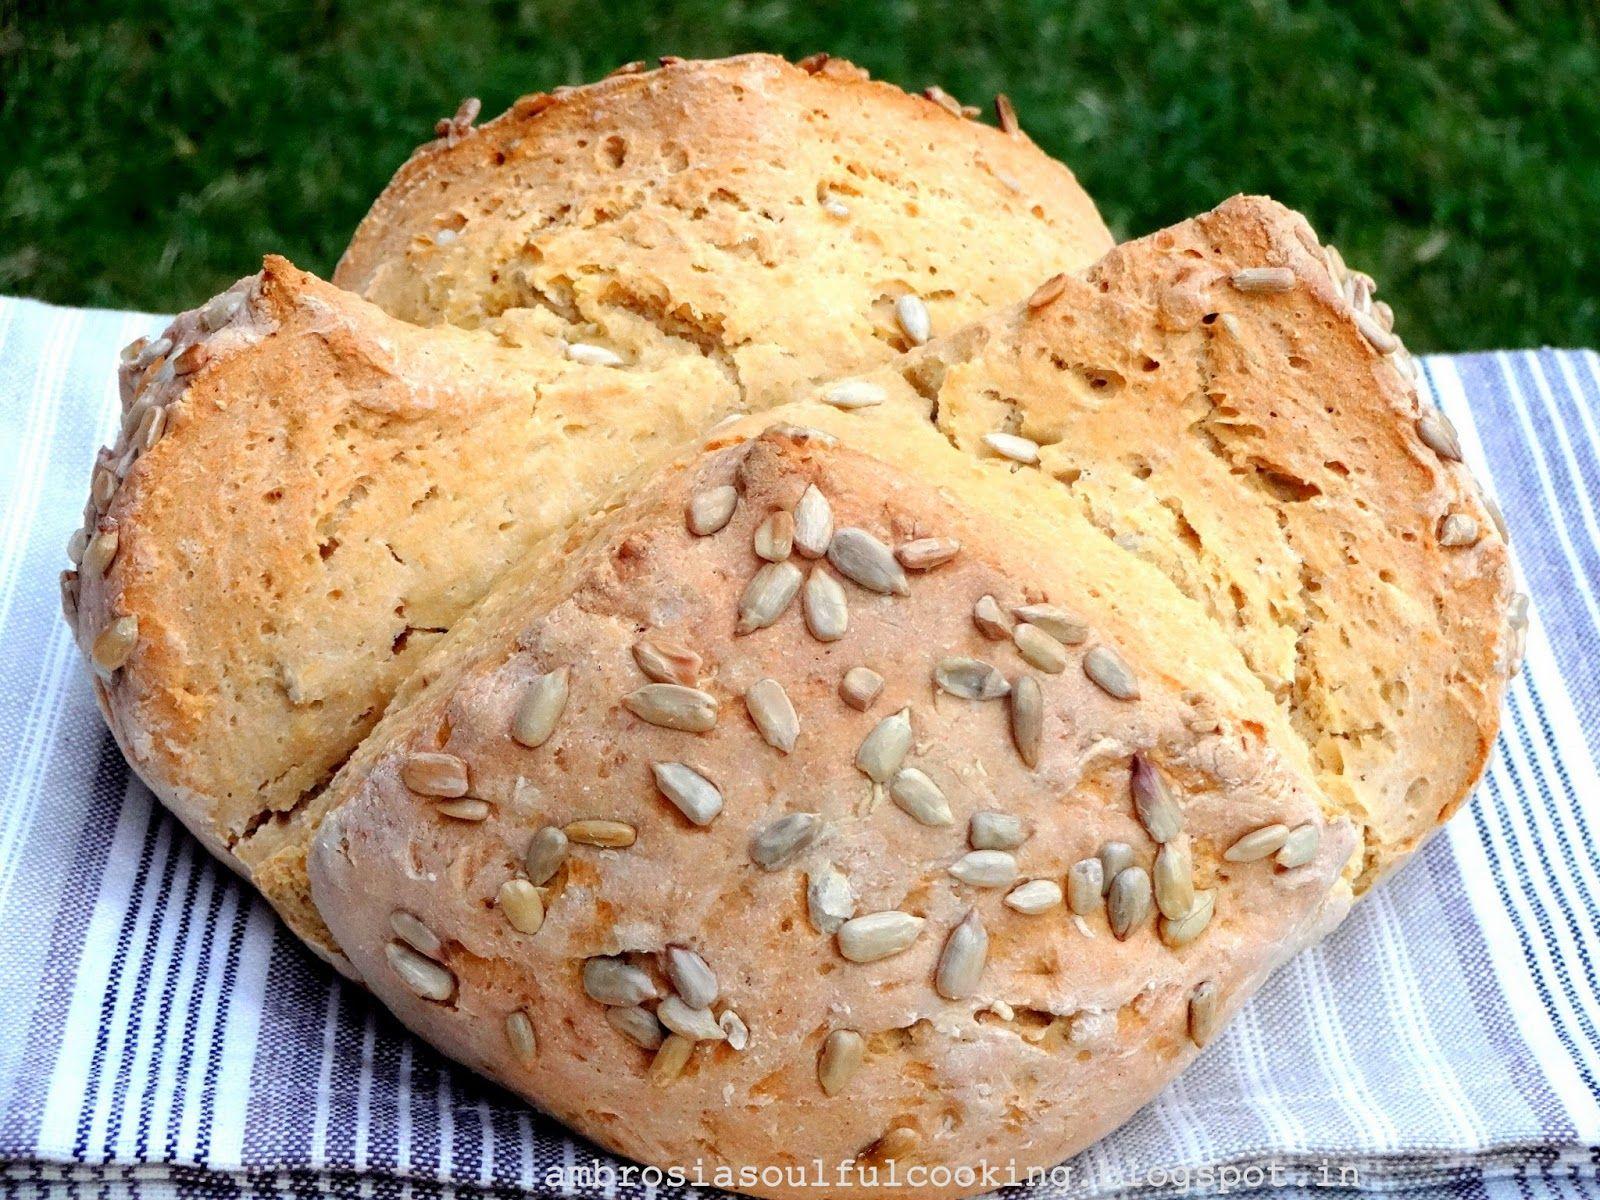 AMBROSIA: Whole Wheat Sunflower Seed Soda Bread